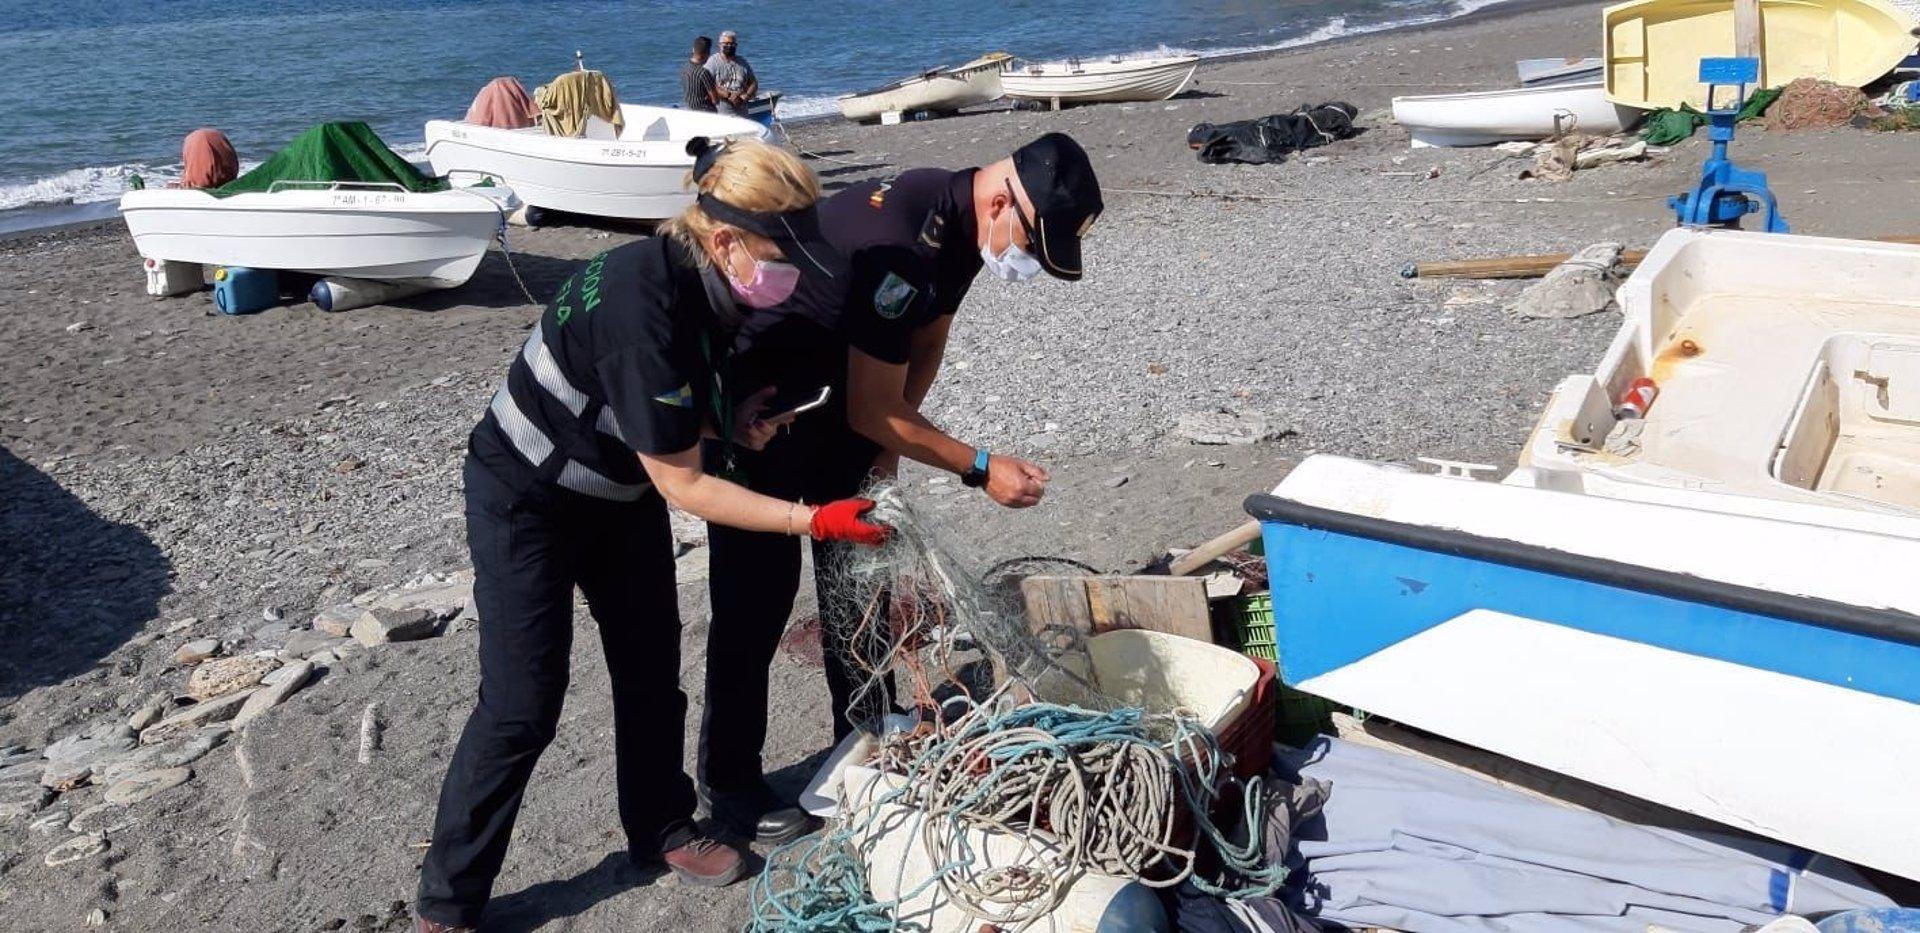 Decomisados 2.200 kilos de redes y varias embarcaciones en una operación contra la pesca furtiva